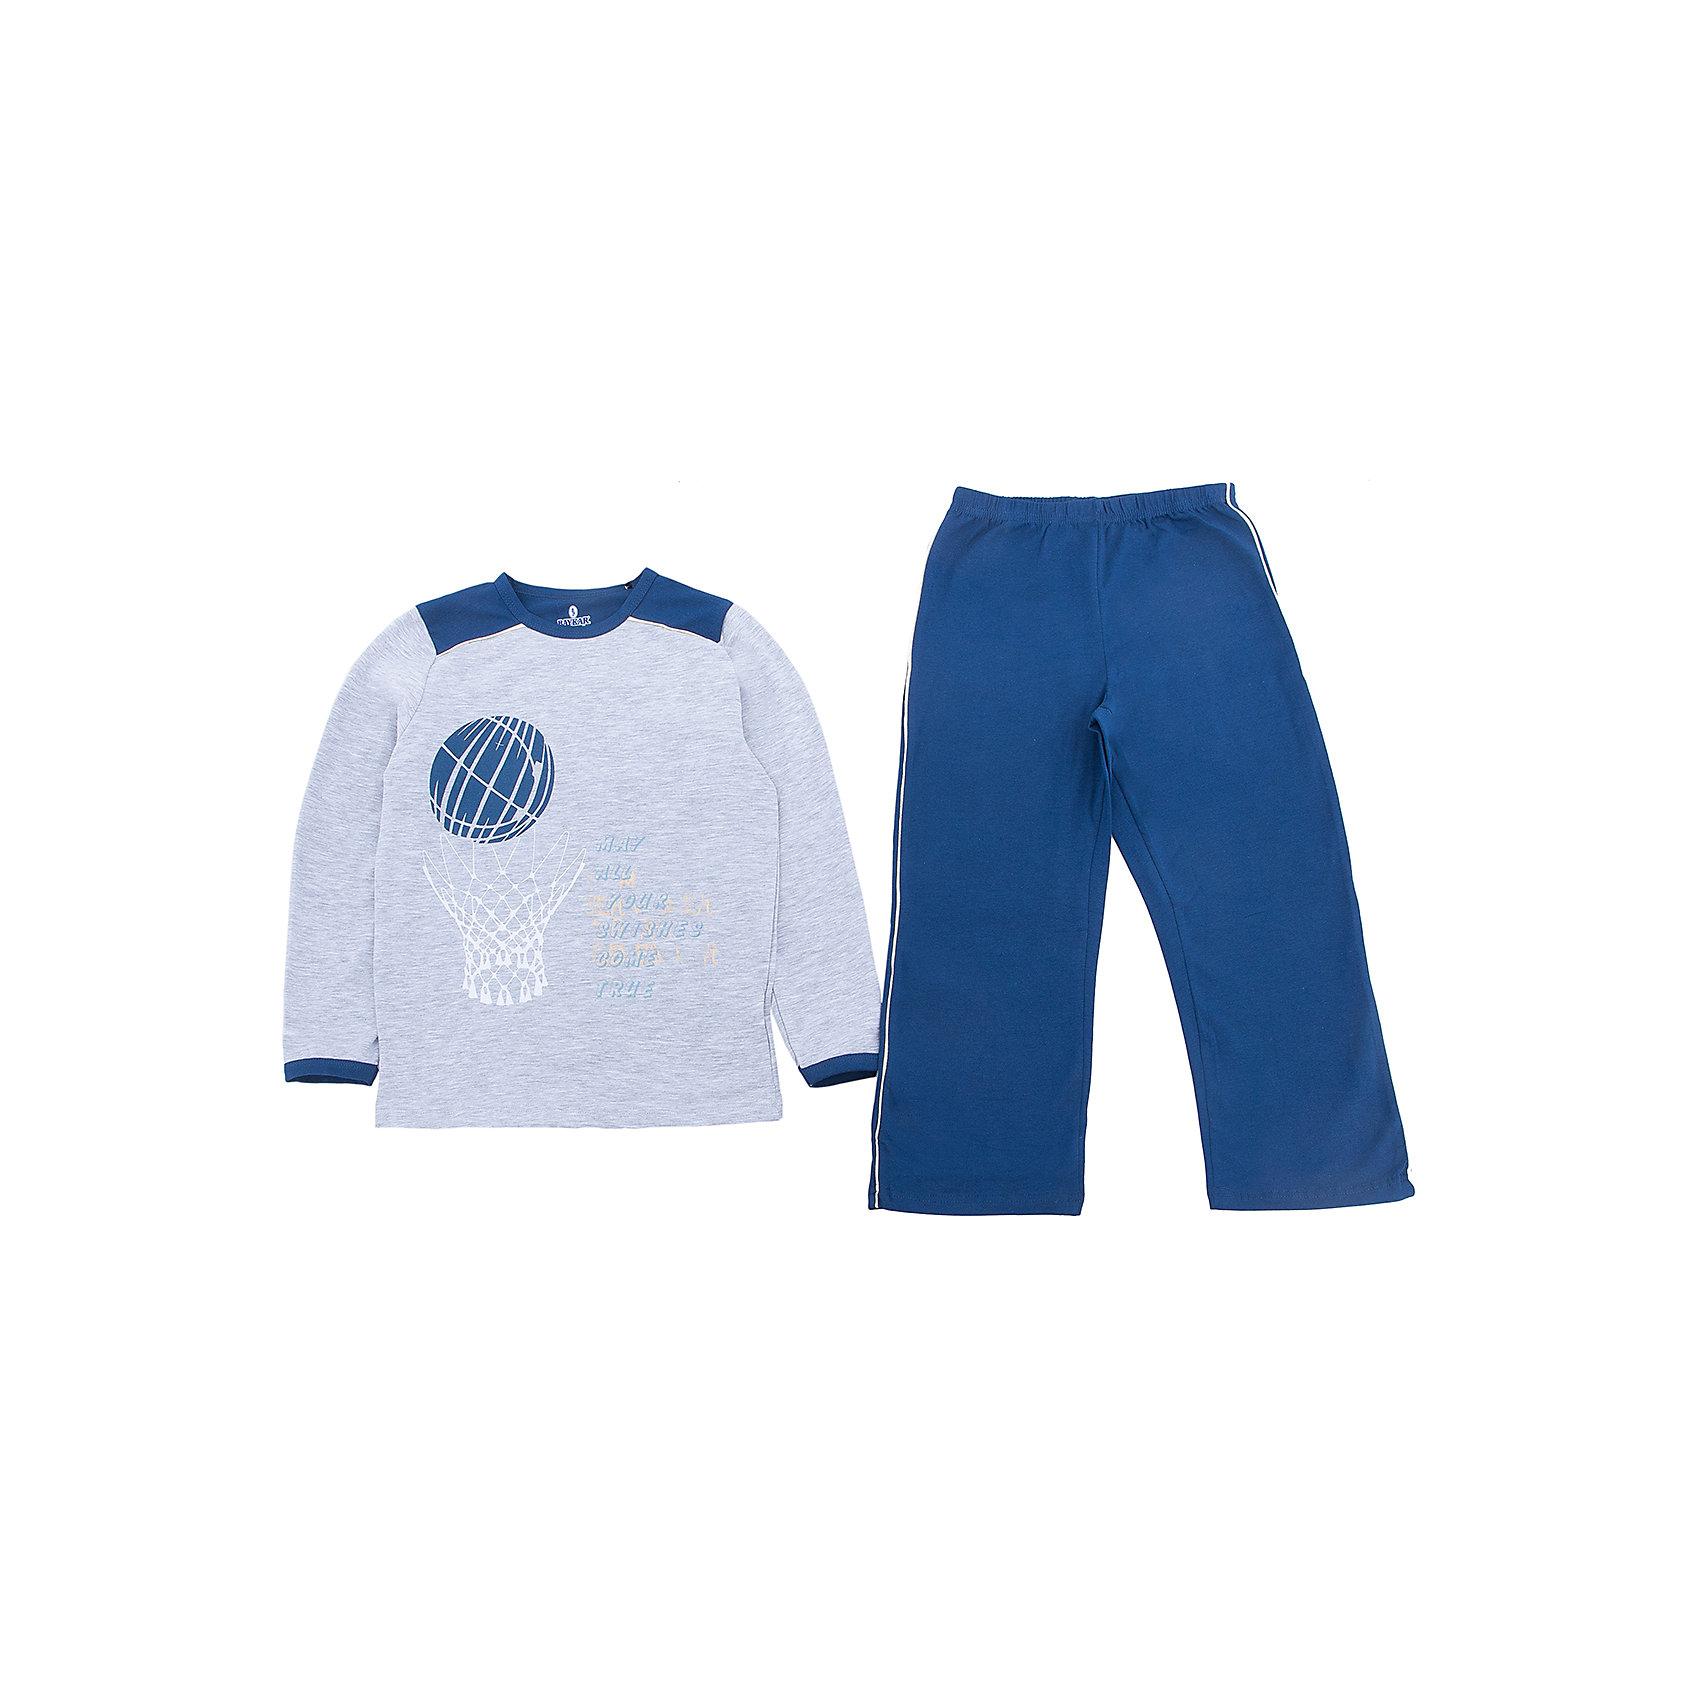 Пижама для мальчика BaykarПижамы и сорочки<br>Характеристики товара:<br><br>• цвет: синий<br>• состав ткани: 95% хлопок; 5% эластан<br>• комплектация: кофта, брюки<br>• пояс брюк: резинка<br>• сезон: круглый год<br>• страна бренда: Турция<br>• страна изготовитель: Турция<br><br>Пижама для мальчика Baykar украшена симпатичным принтом. Этот комплект для сна из кофты и брюк сделан из мягкого дышащего материала. <br><br>Продуманный крой обеспечивает комфортную посадку. Качественная пижама для мальчика позволяет обеспечить комфортный сон.<br><br>Пижаму для мальчика Baykar (Байкар) можно купить в нашем интернет-магазине.<br><br>Ширина мм: 281<br>Глубина мм: 70<br>Высота мм: 188<br>Вес г: 295<br>Цвет: белый<br>Возраст от месяцев: 96<br>Возраст до месяцев: 108<br>Пол: Мужской<br>Возраст: Детский<br>Размер: 128/134,134/140,140/146,122/128<br>SKU: 6764772